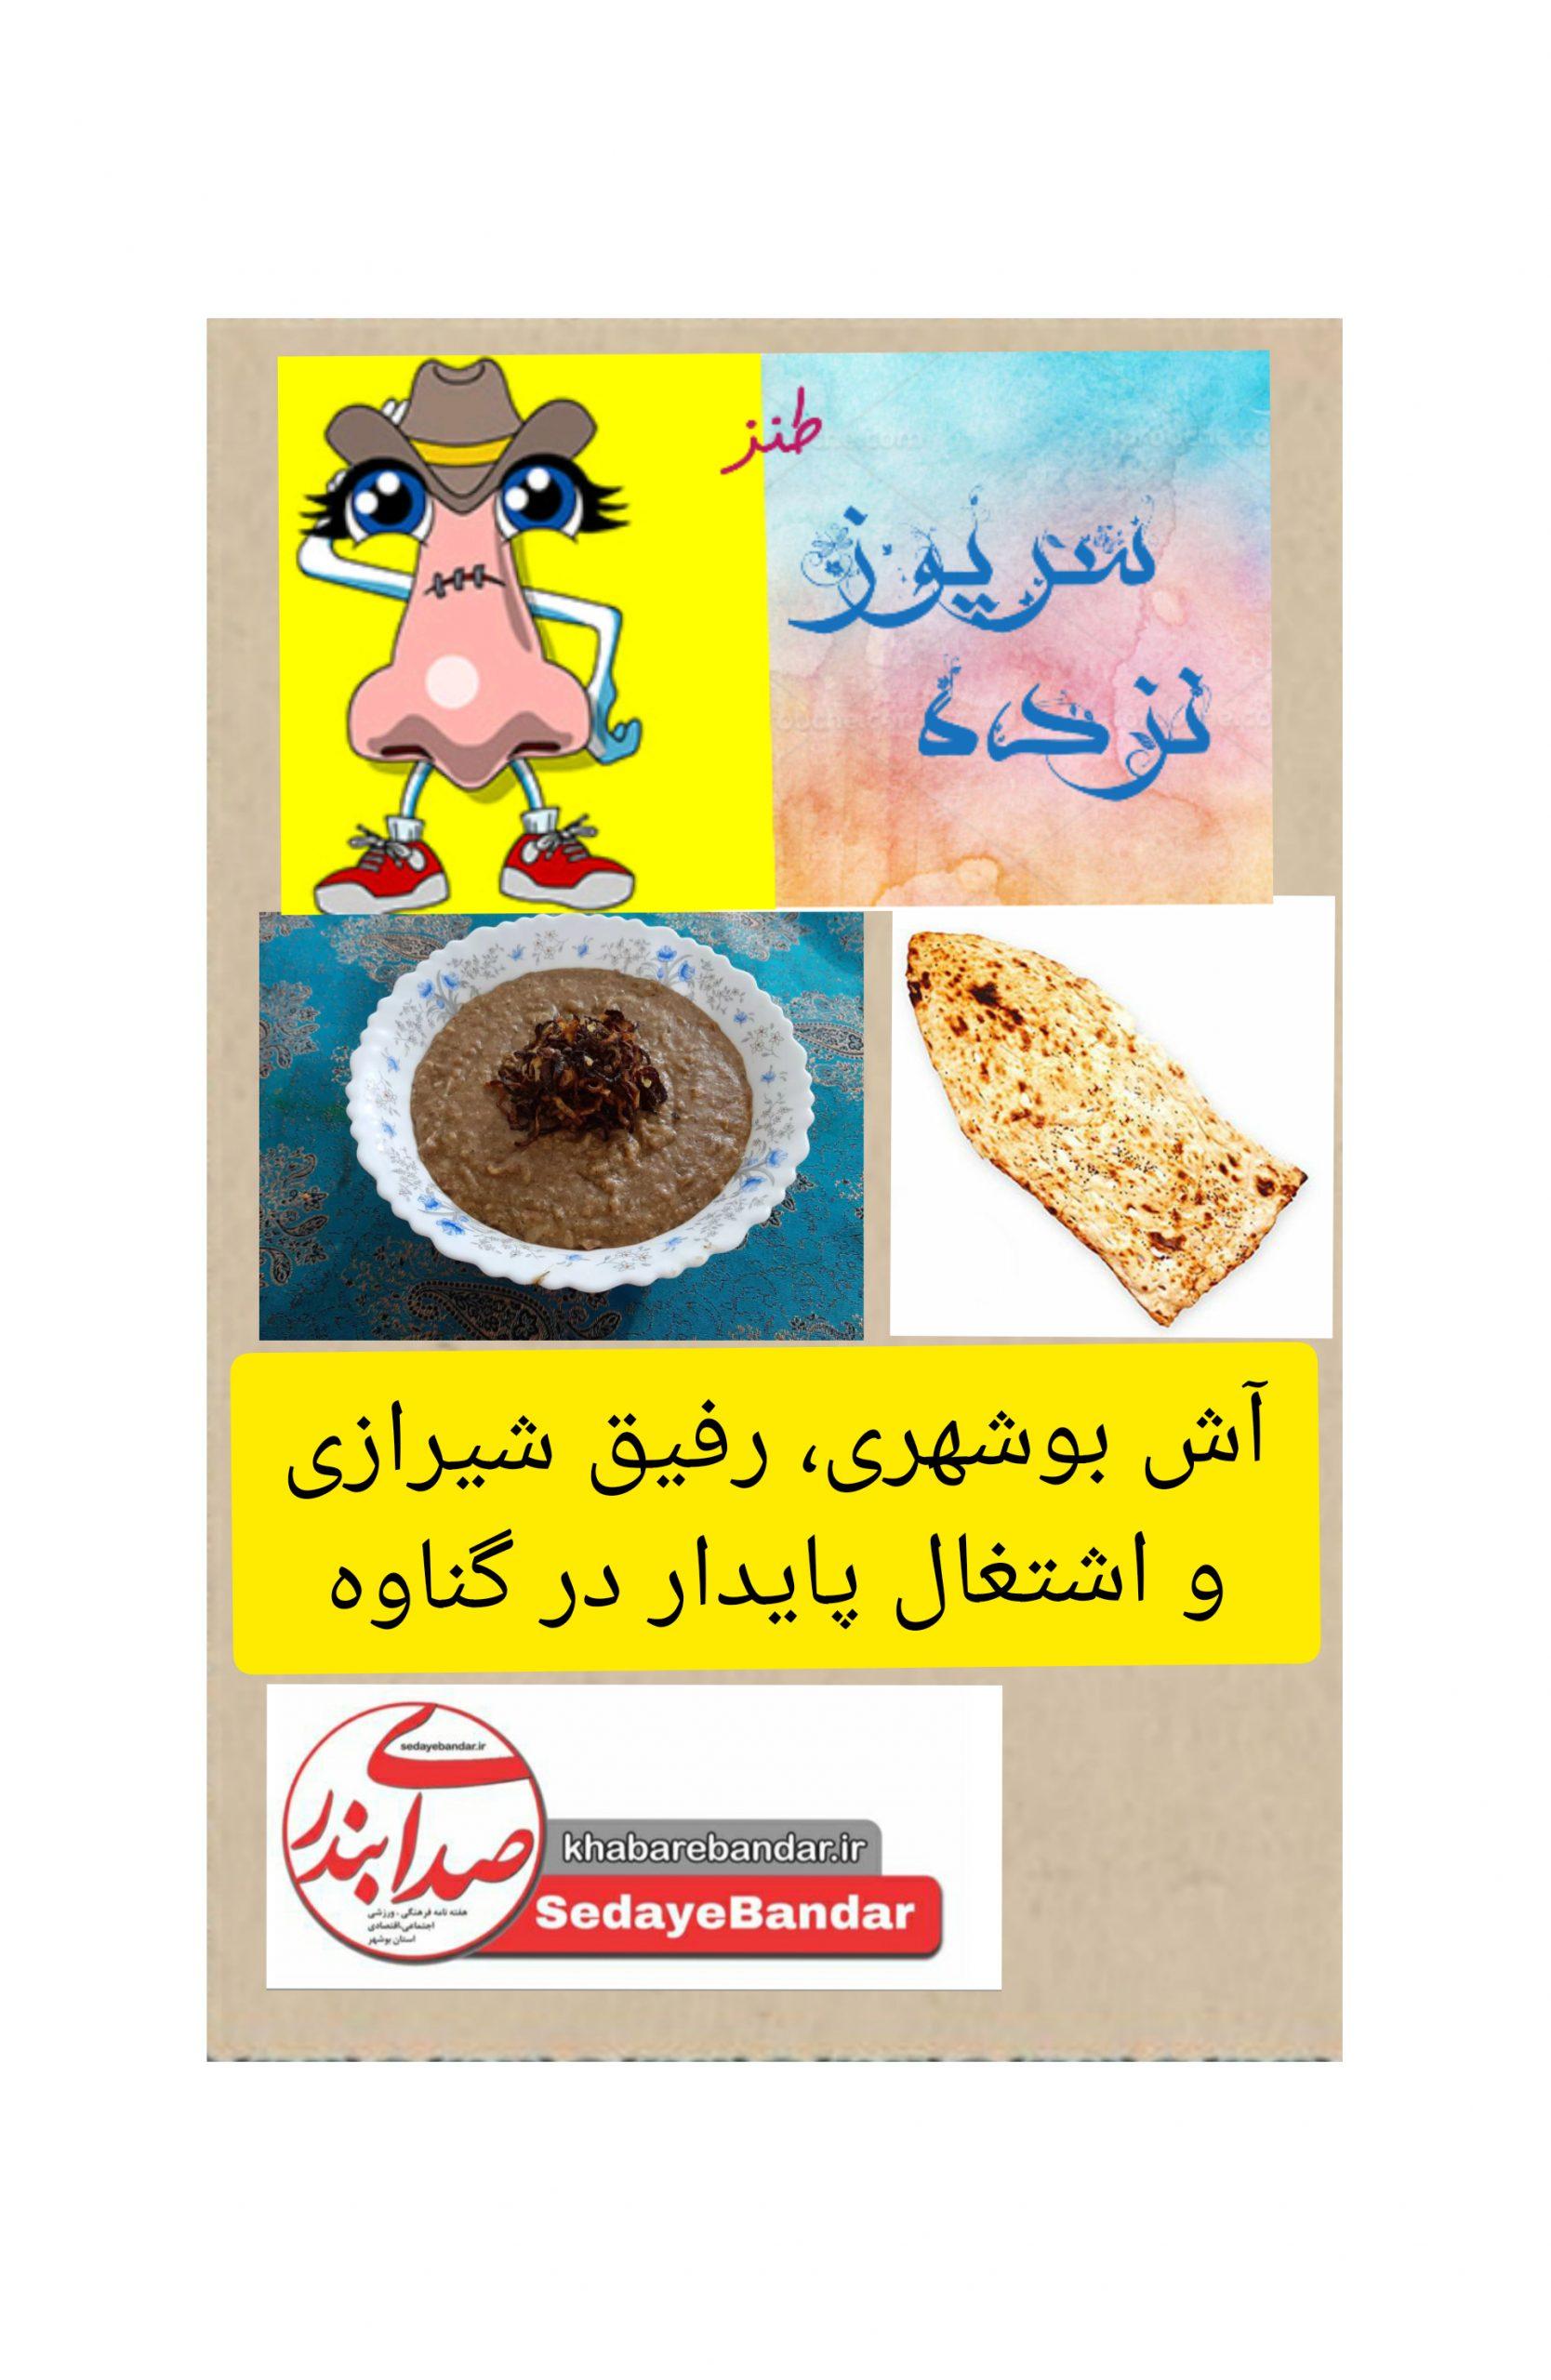 آش بوشهری، رفیق شیرازی و اشتغال پایدار در گناوه